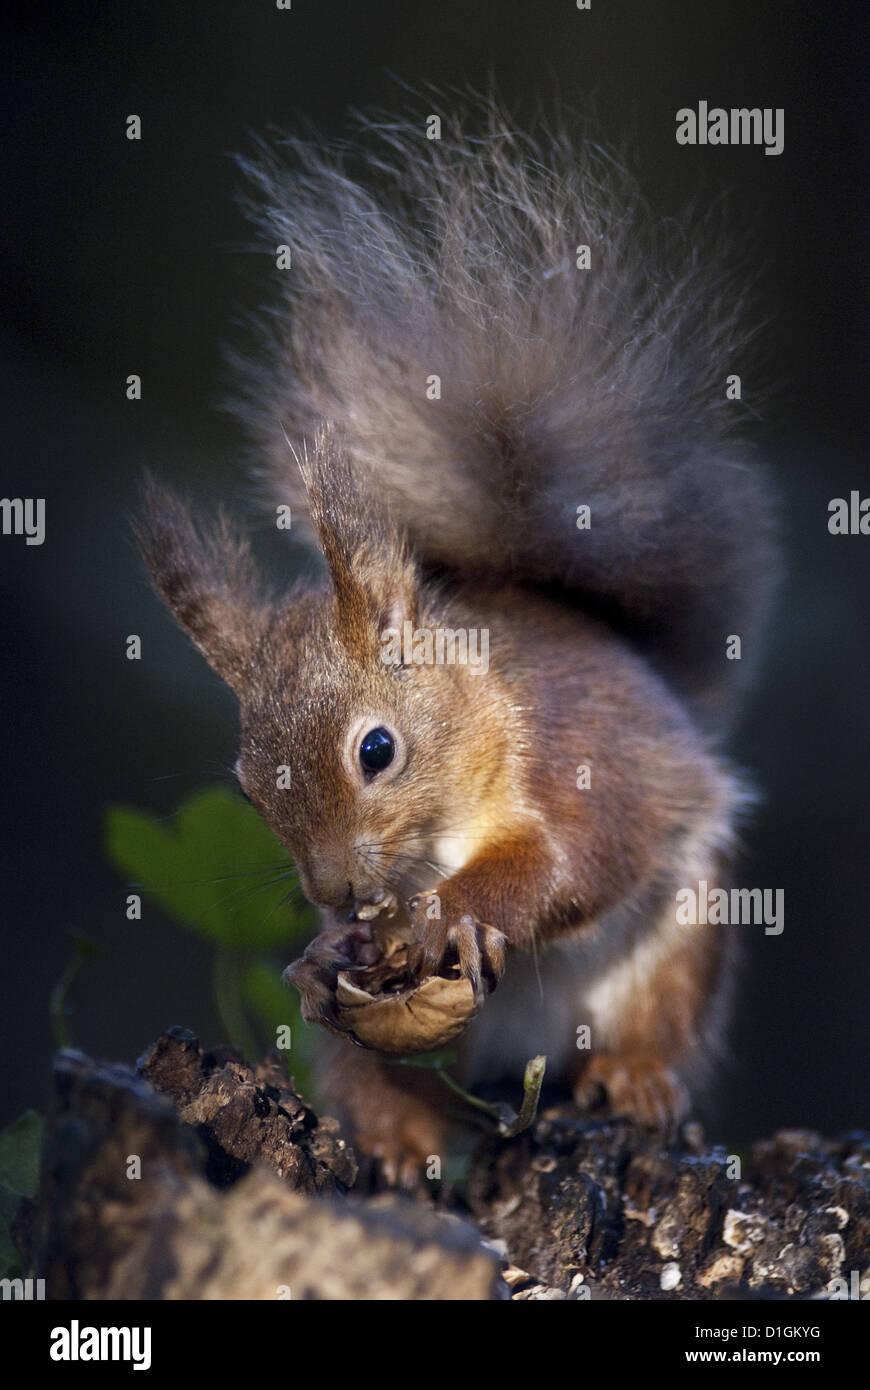 L'écureuil roux (Sciurus vulgaris) la consommation de noix dans un bois, Royaume-Uni, Europe Banque D'Images